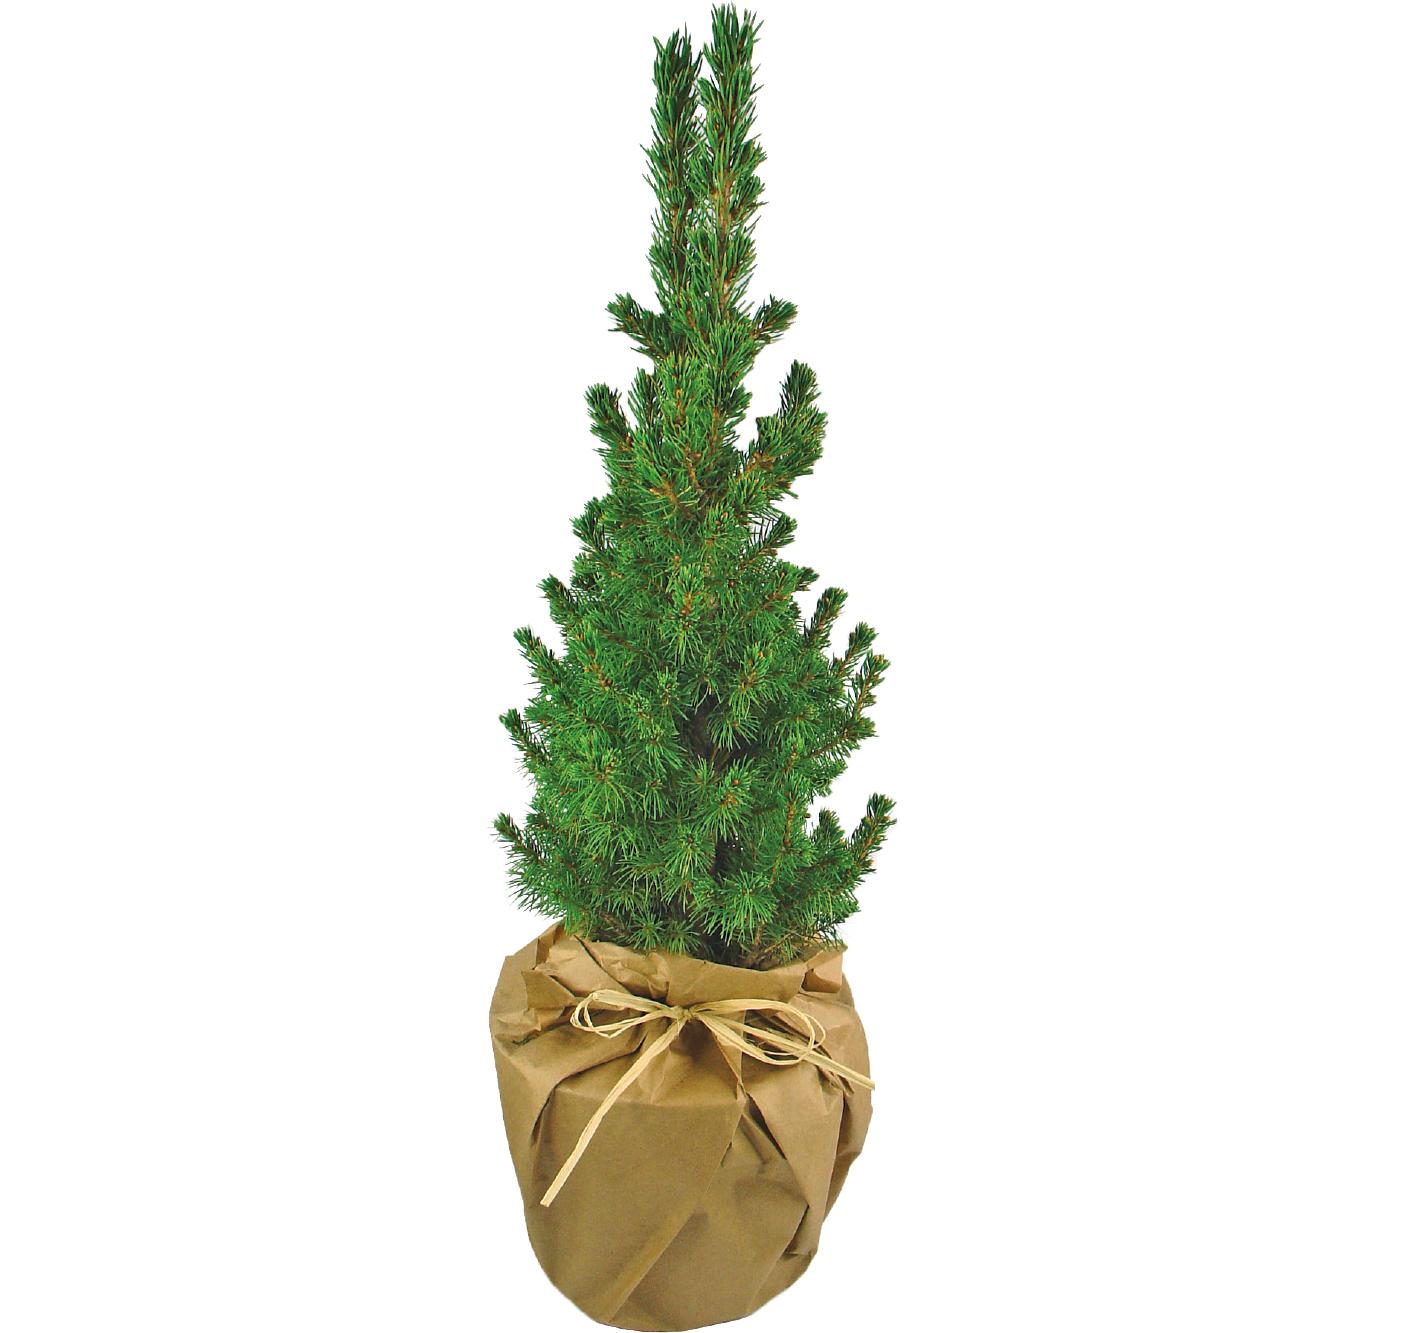 Weihnachtsbäumchen zum Verschenken! - Produktbild